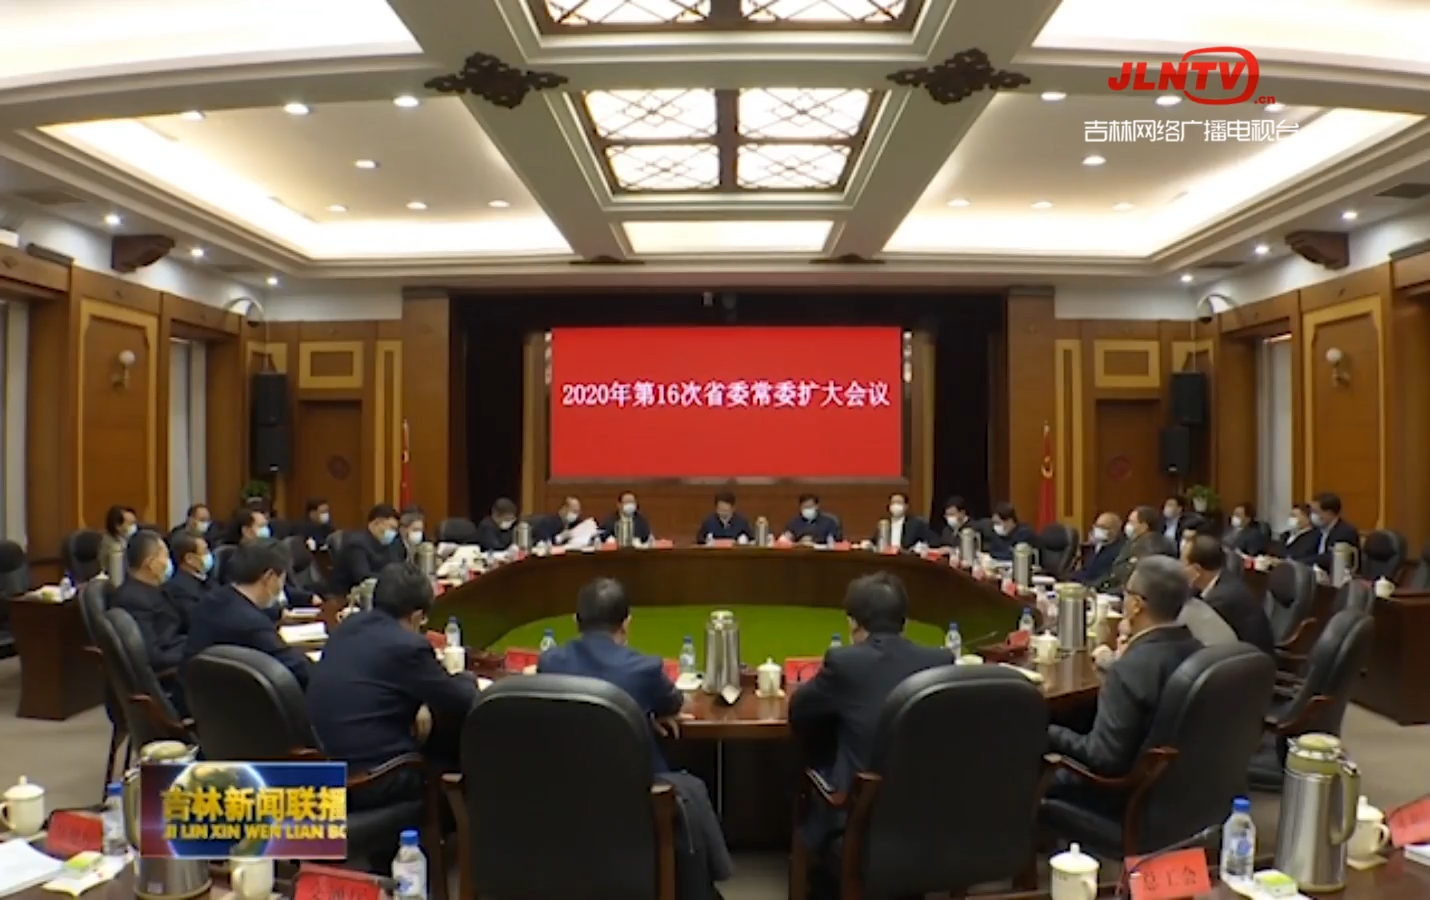 景俊海在省委常委扩大会议上强调 深入贯彻落实习近平法治思想 全面开创法治吉林建设新局面